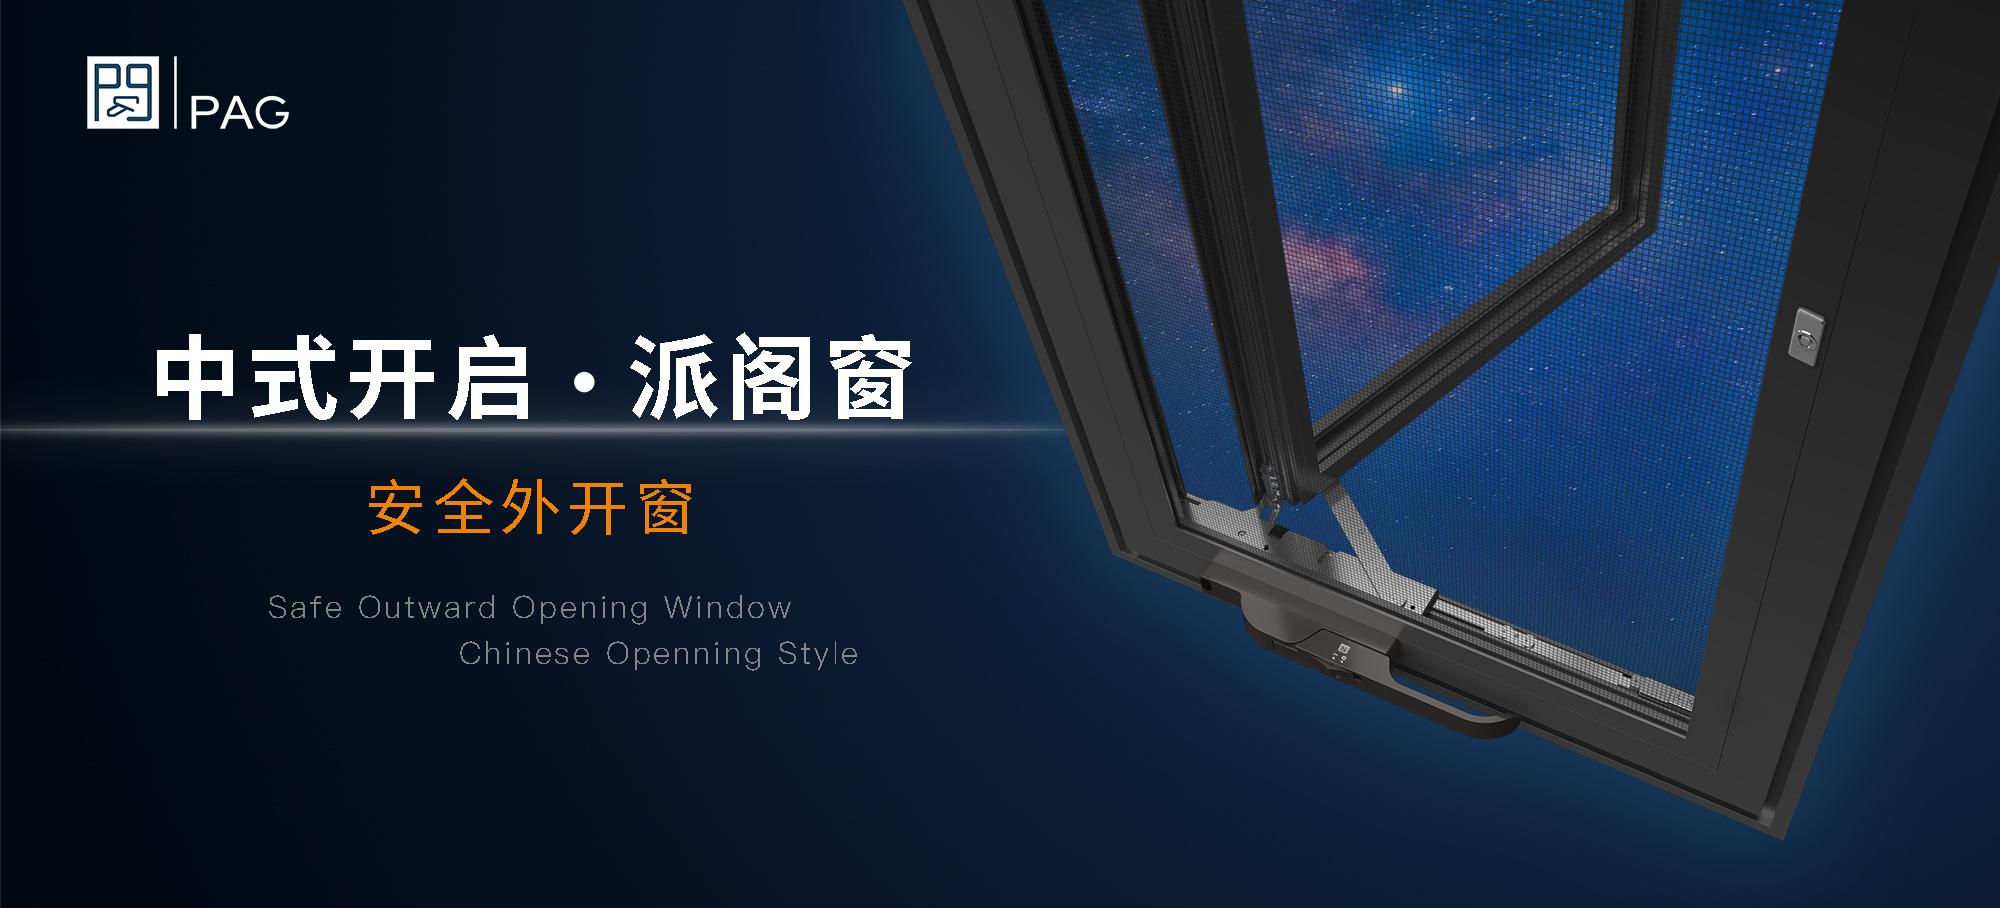 中式开启 · 雅致所归 ——【安全外开窗】